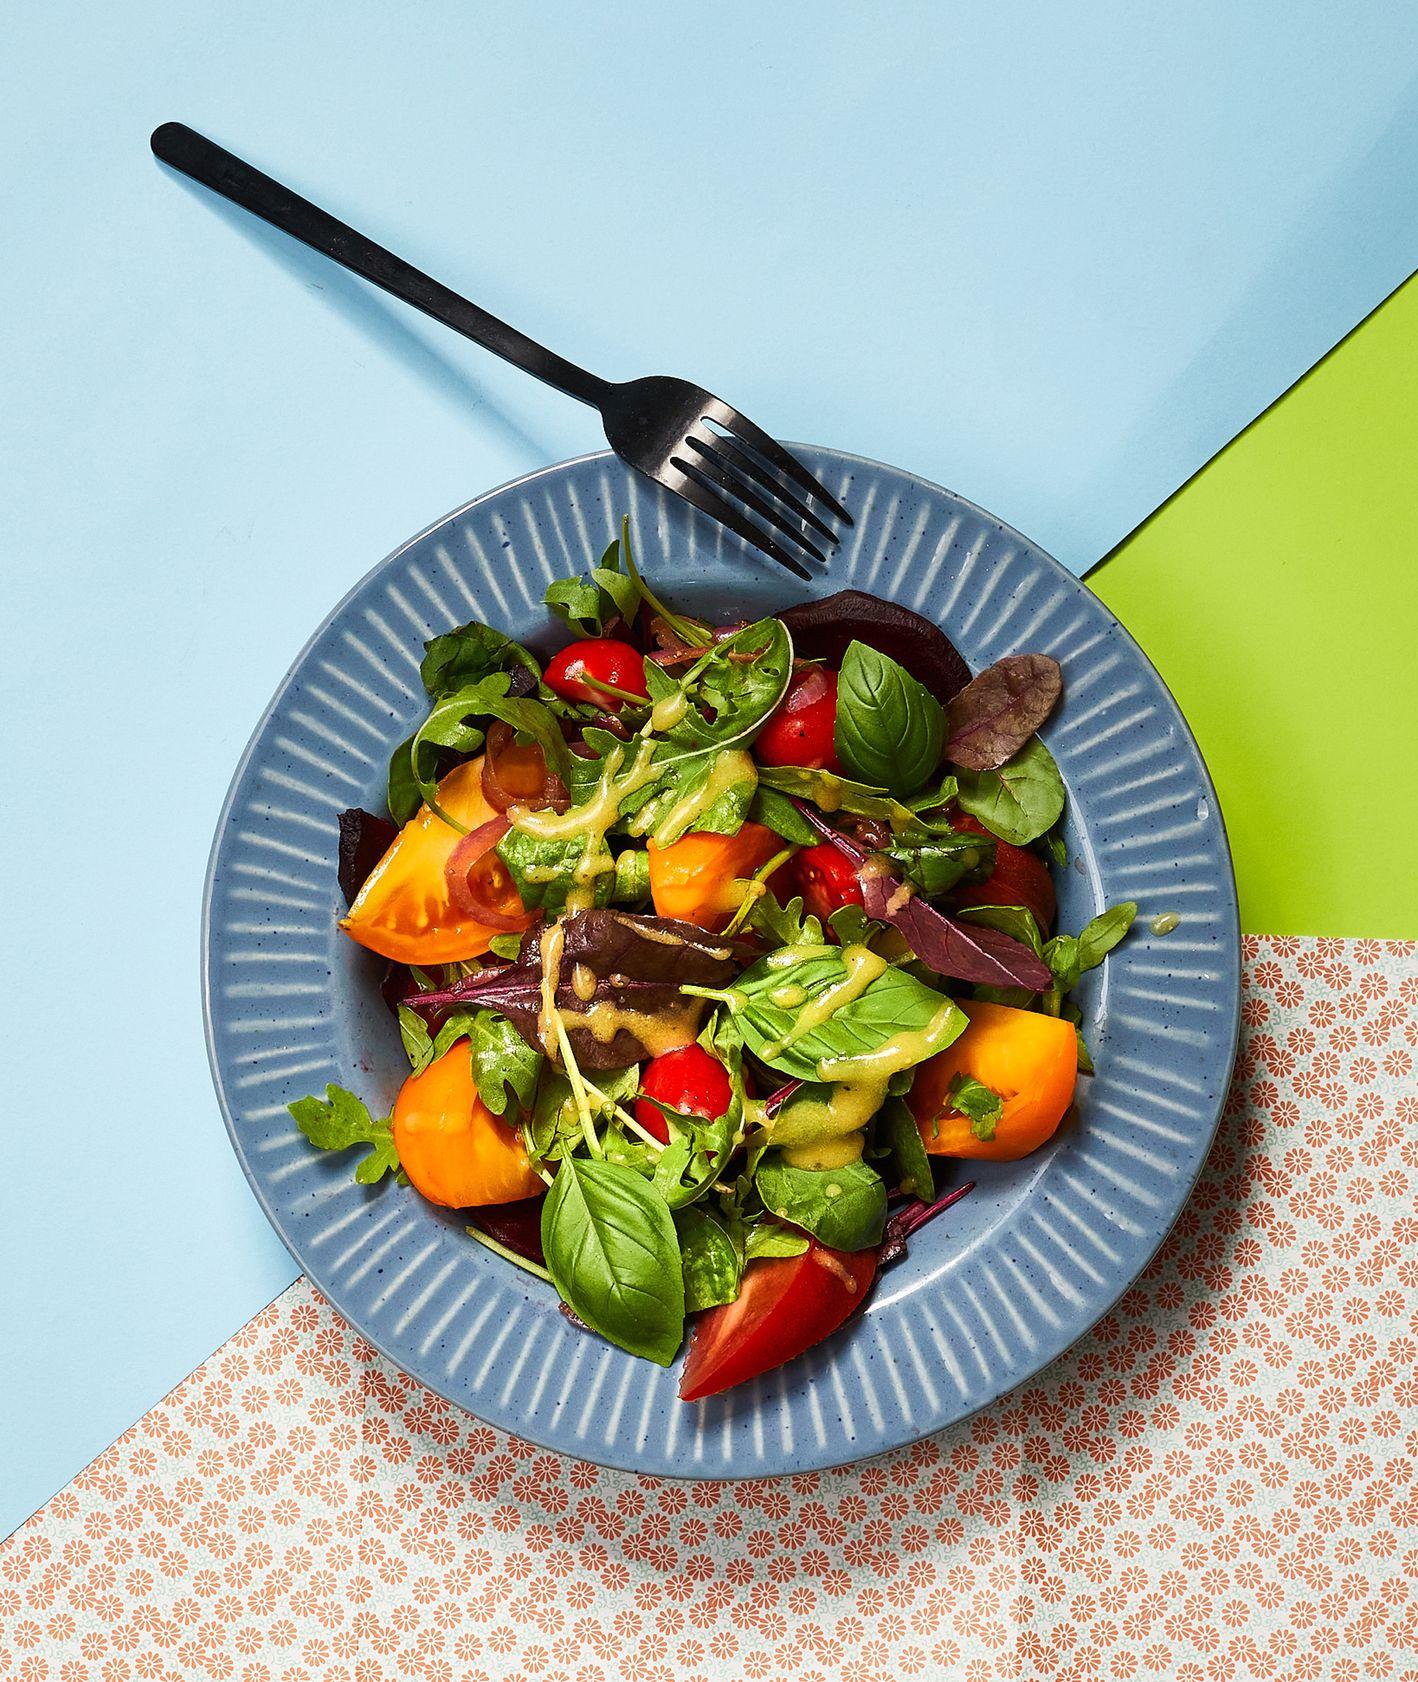 Jak zrobić sałatkę z pomidorów z pieczonym burakiem, pomysł na sałatkę dla dziecka, zdrowa jesienna sałatka (fot. Maciej Niemojewski)